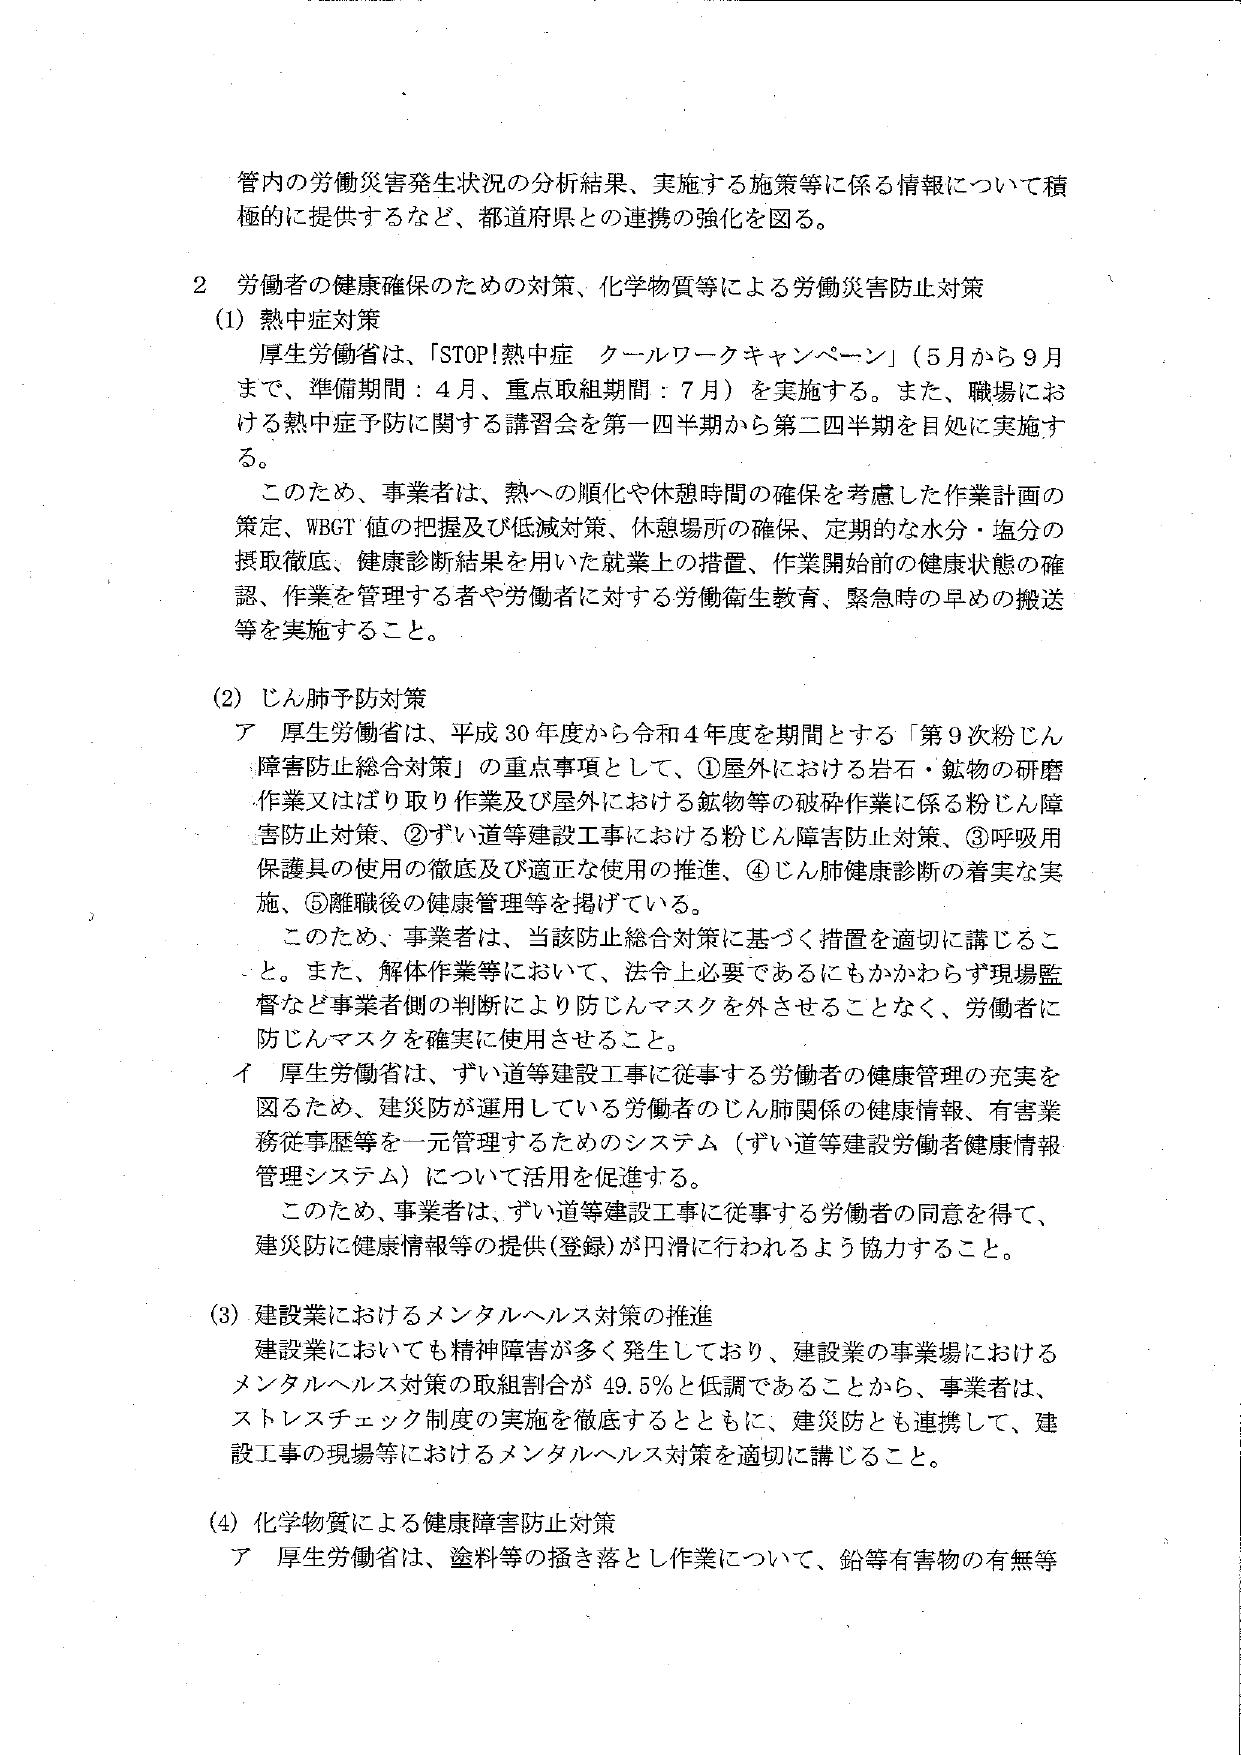 令和2年度における建設業の安全衛生対策の推進について(要請)_page-0006